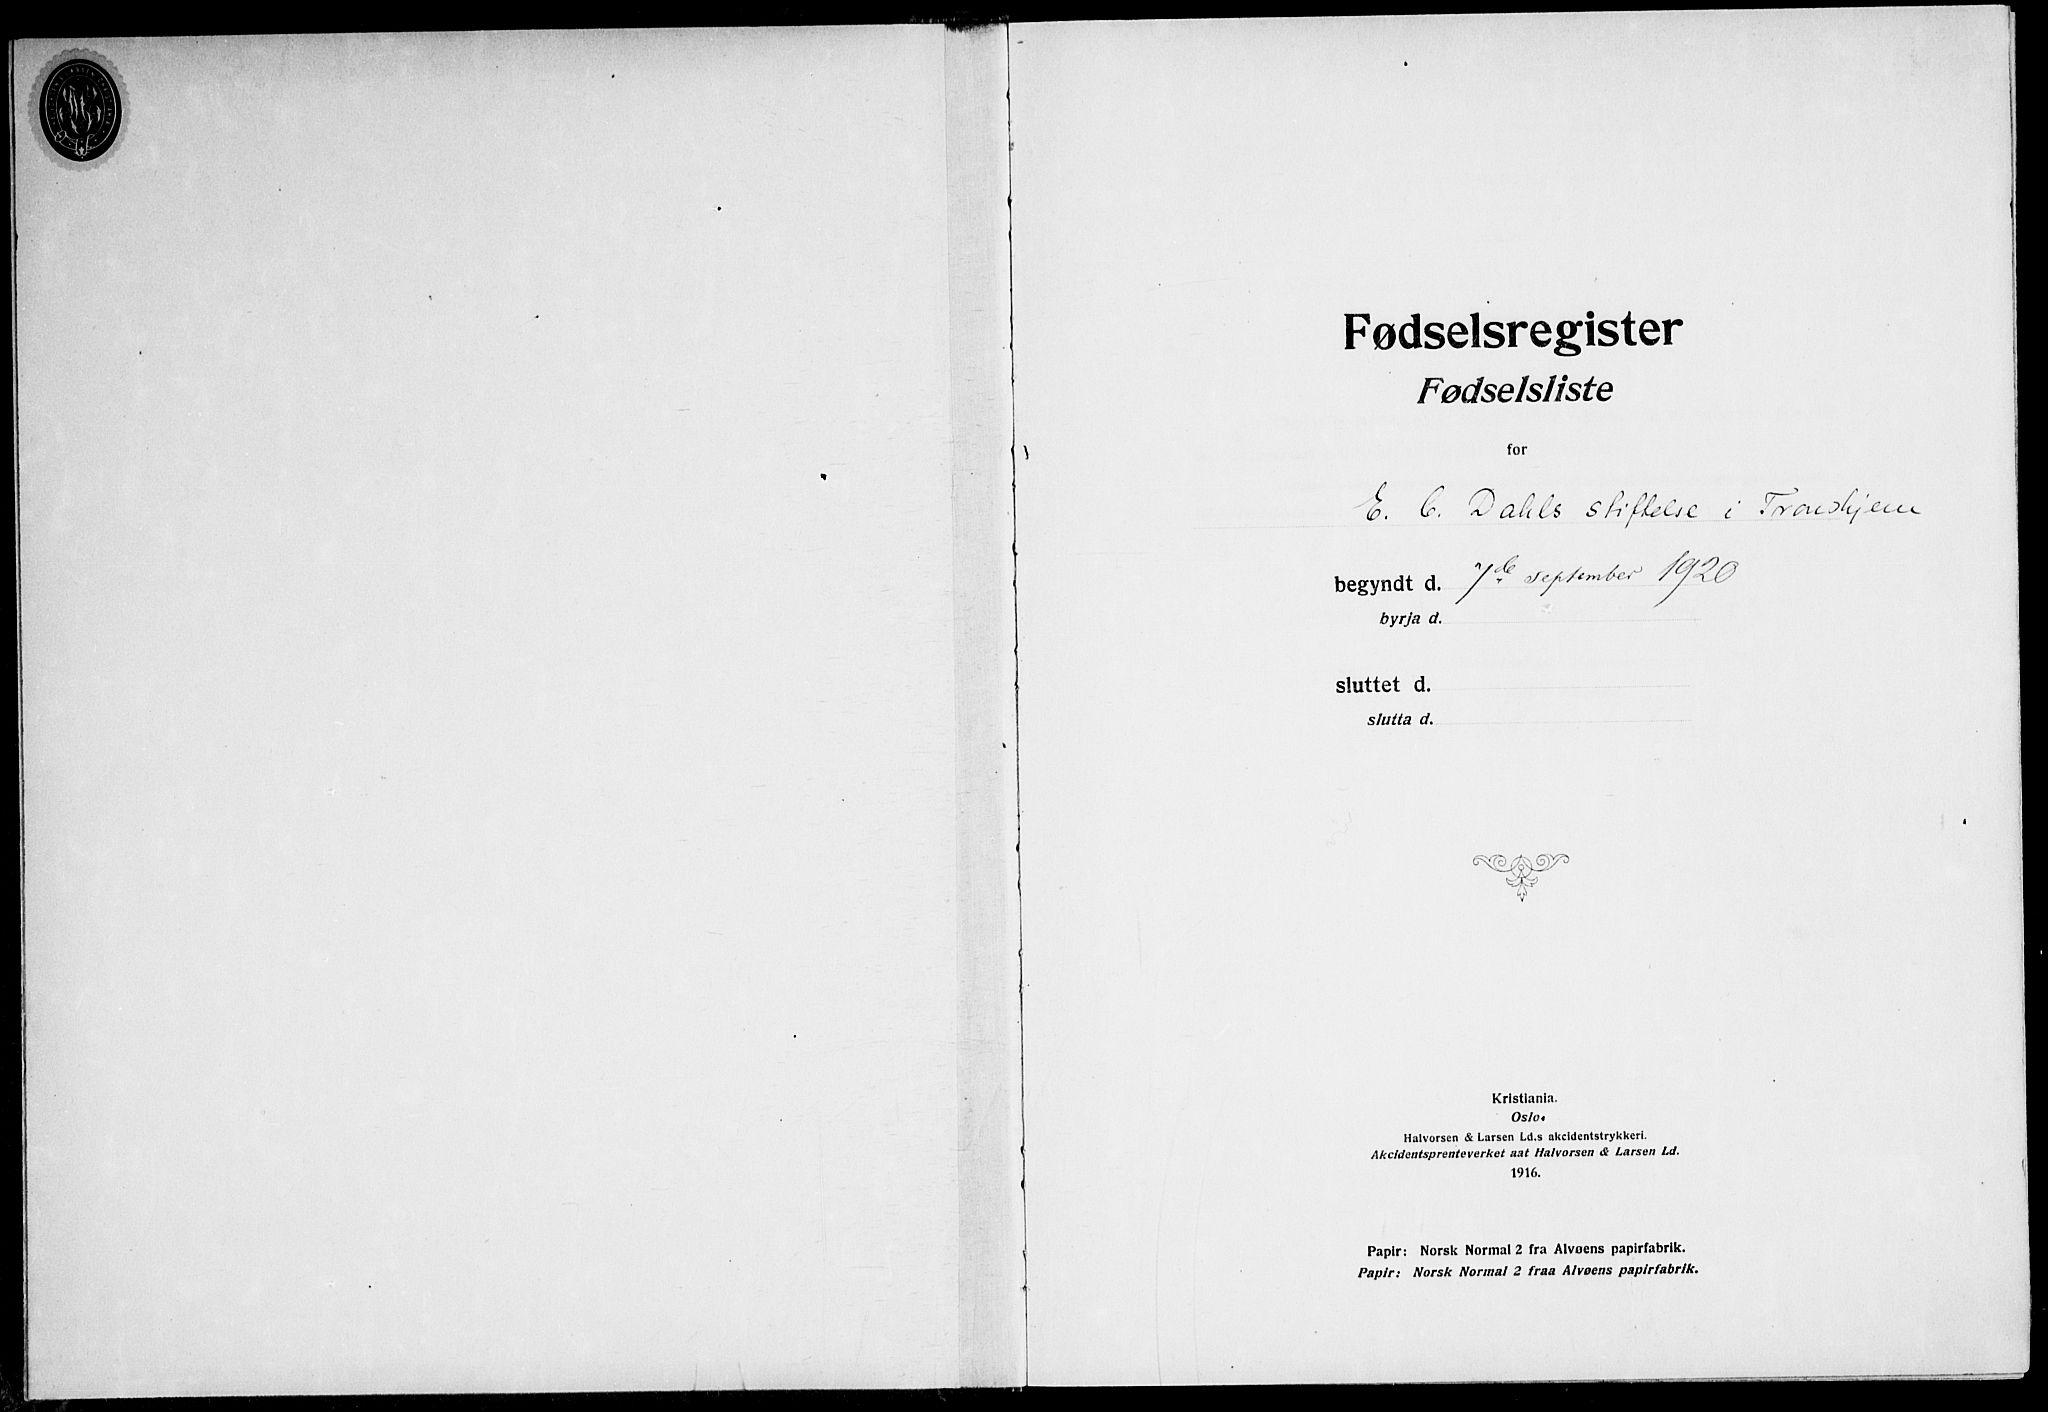 SAT, Ministerialprotokoller, klokkerbøker og fødselsregistre - Sør-Trøndelag, 600/L0003: Fødselsregister nr. 600.II.4.2, 1920-1924